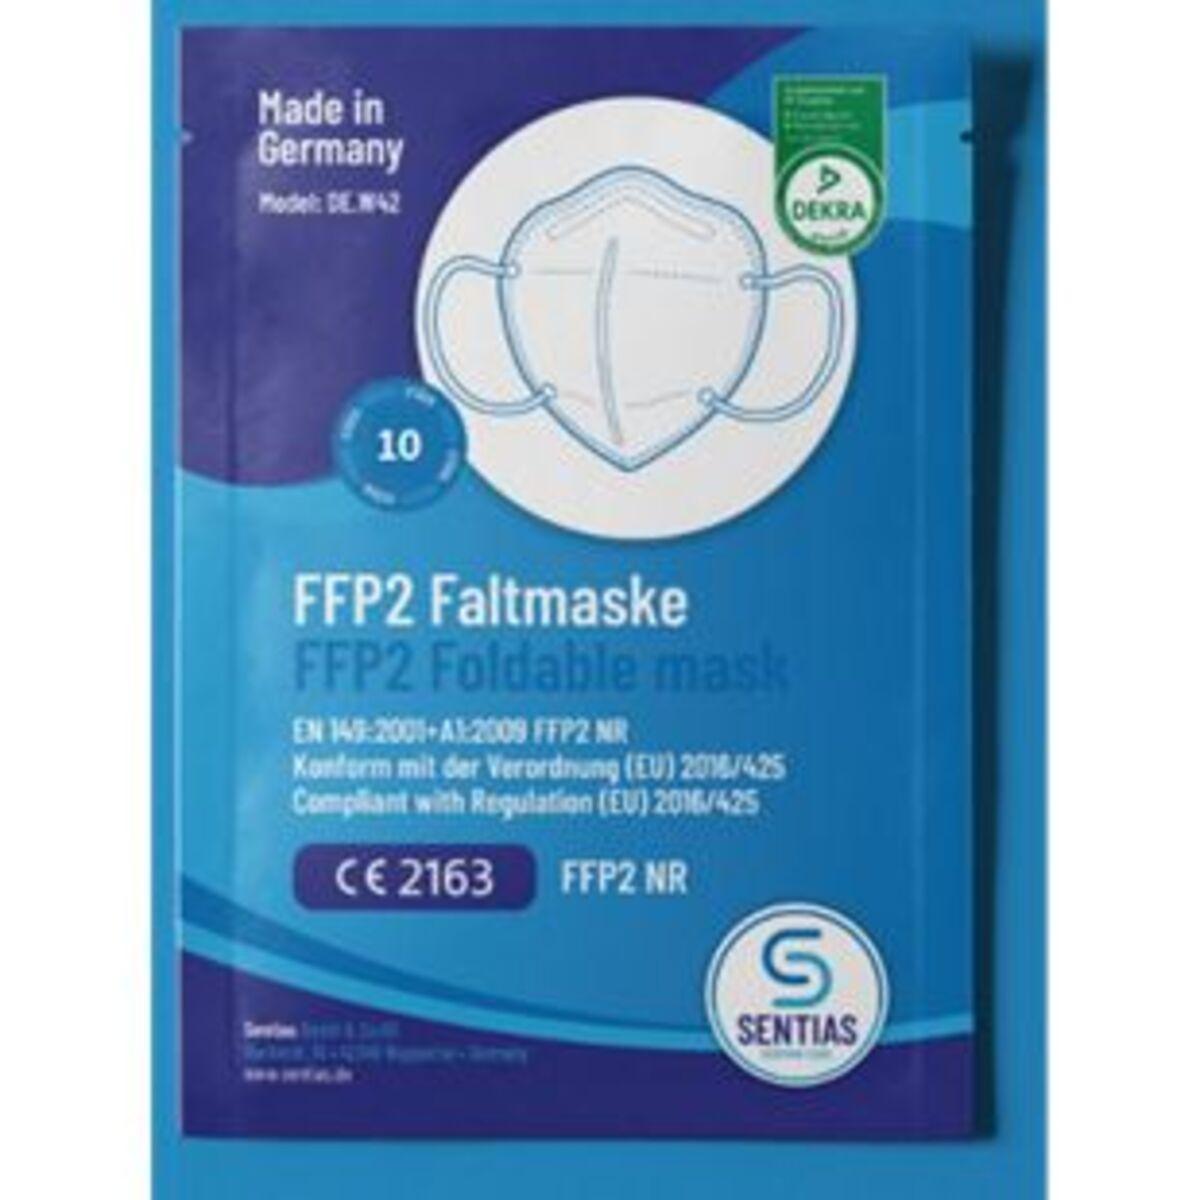 Bild 2 von Mund-Nasen-Masken FFP2 10er-Set Made in Germany